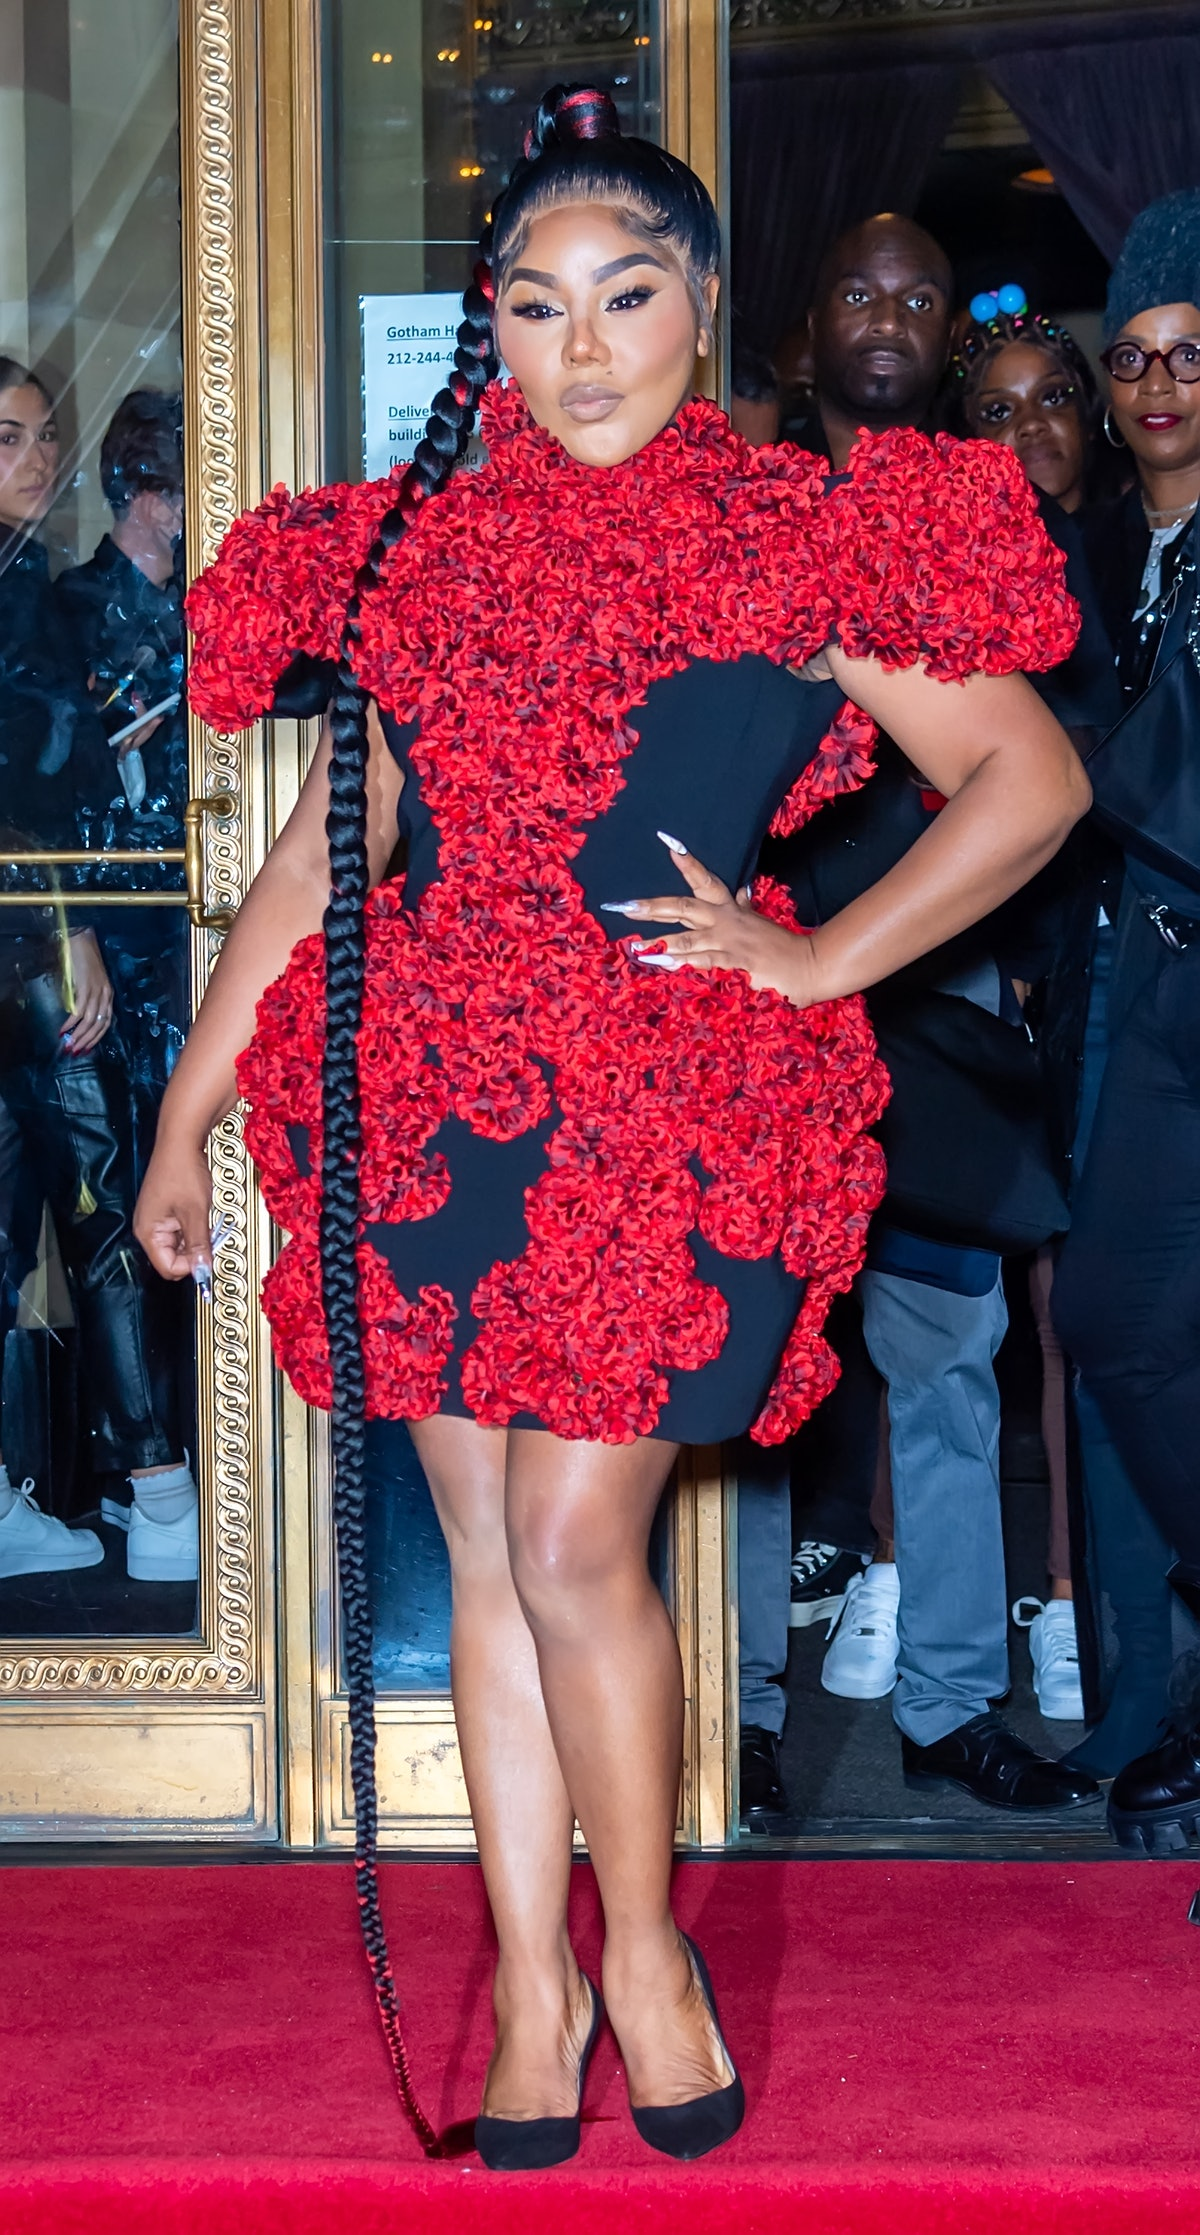 نیویورک ، نیویورک - 07 سپتامبر: خواننده رپ لیل کیم در حال خروج از کریستین سیریانو از بهار 2022 دیده می شود ...